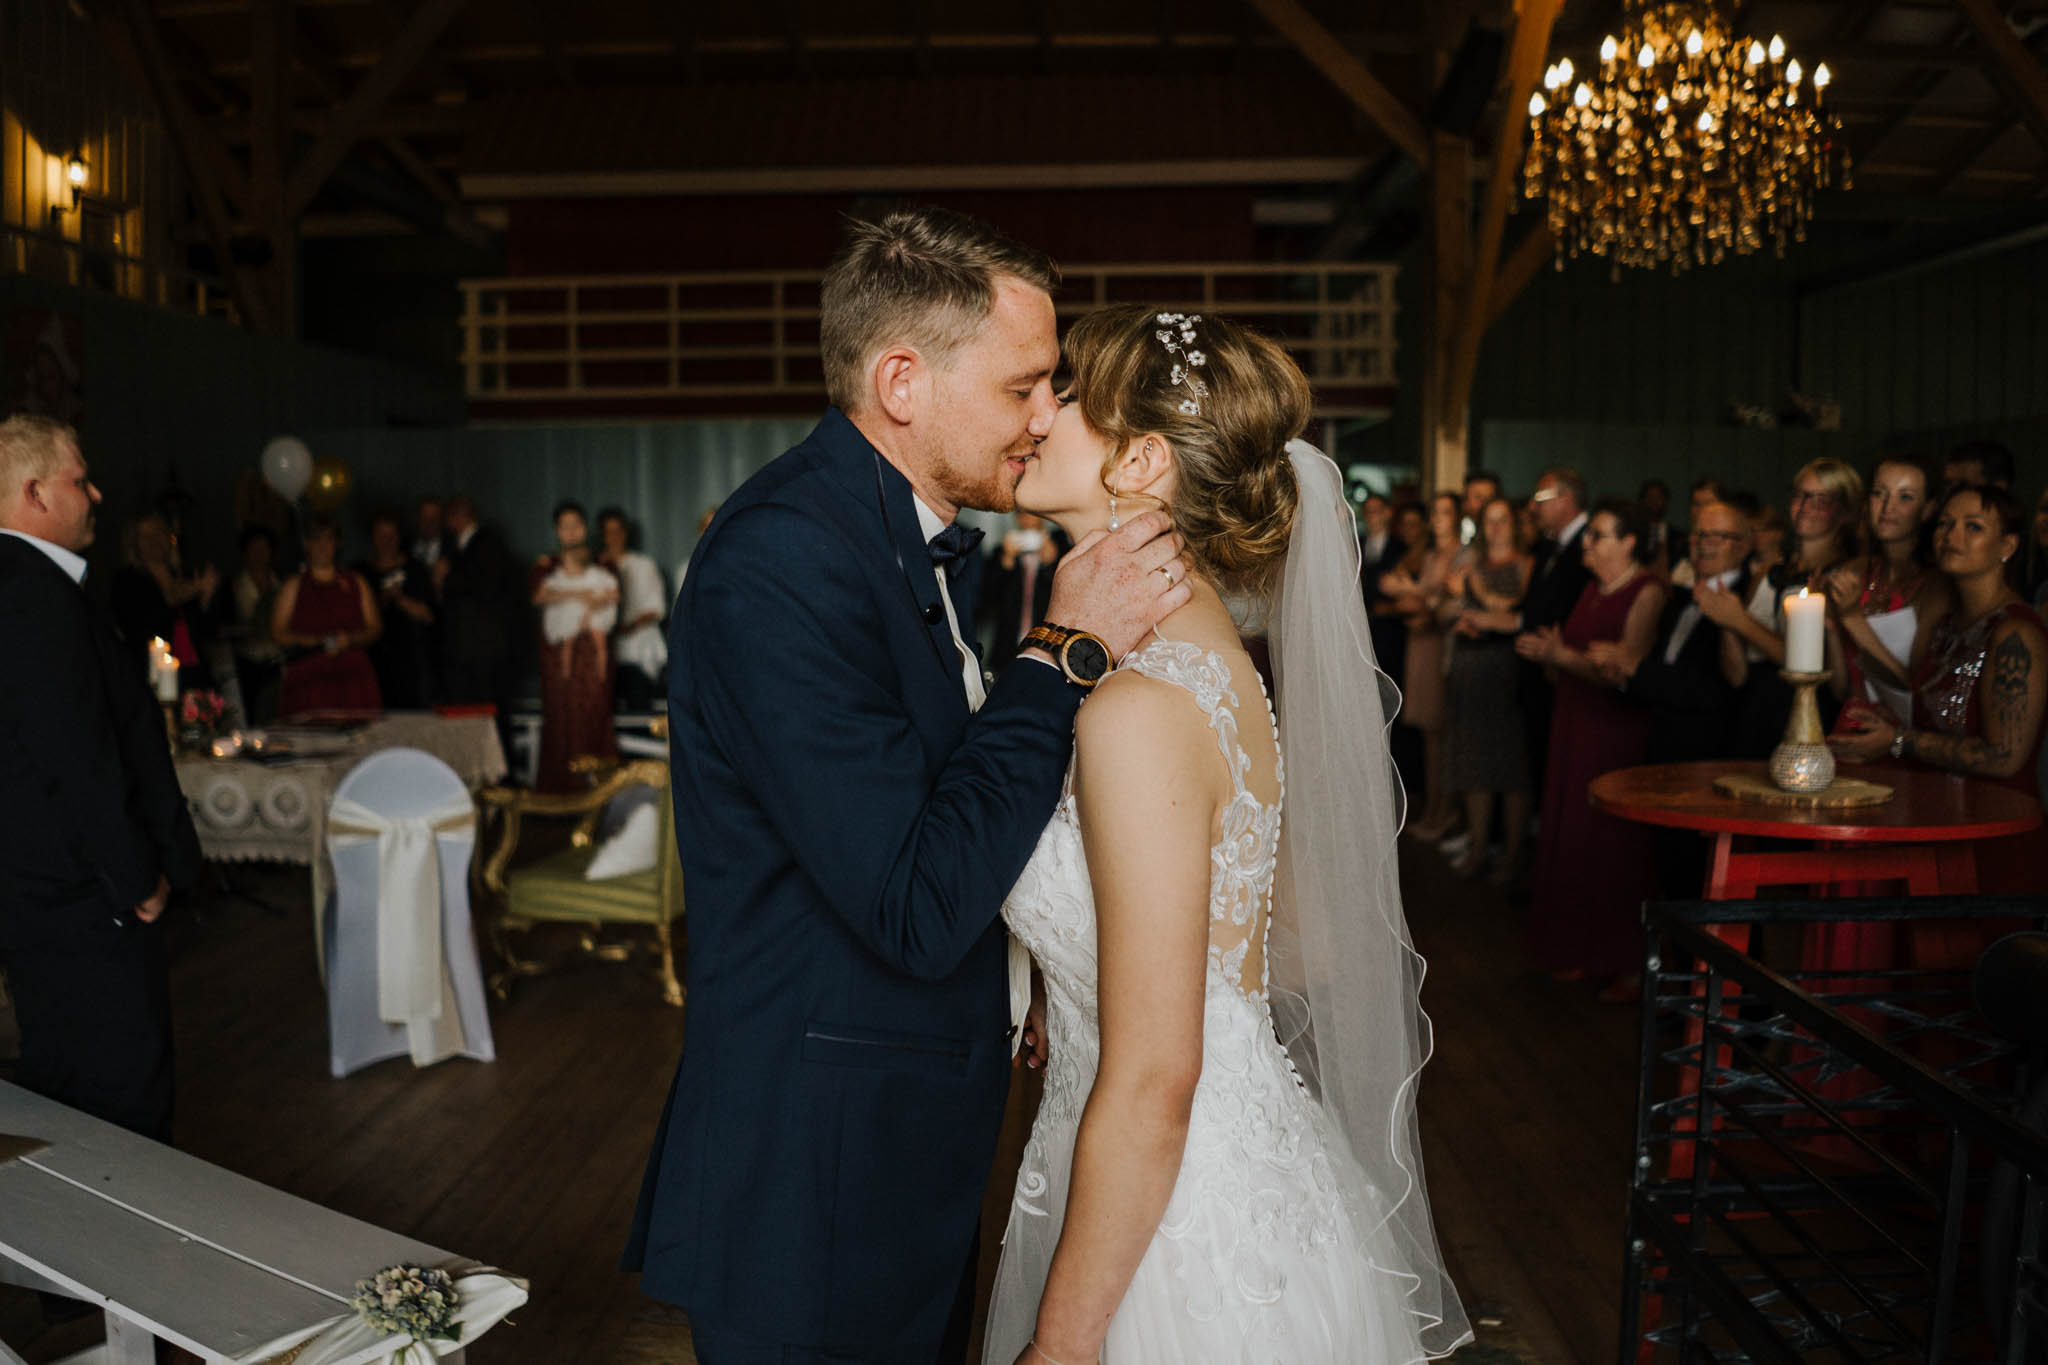 Hochzeitsfieber by Photo-Schomburg, Hoichzeitsfotograf, Hamburg, Wedding, Weddingtime, Hochzeitspaar, Braut, Bräutigam, Hochzeit im Norden,-64